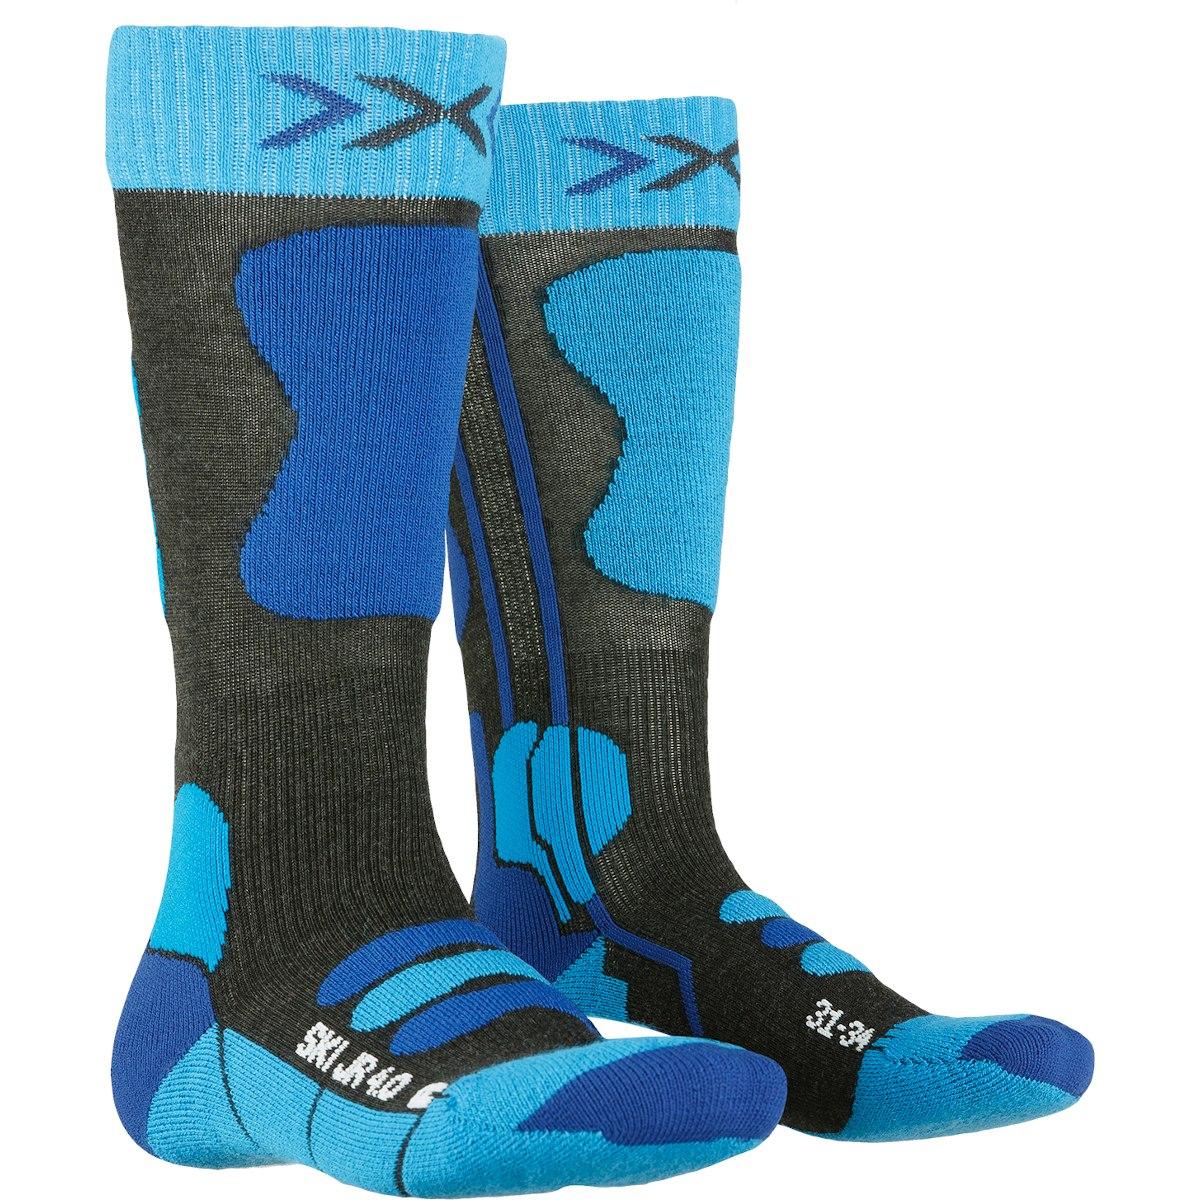 X-Socks Ski Junior 4.0 Kindersocken - anthracite melange/electric blue